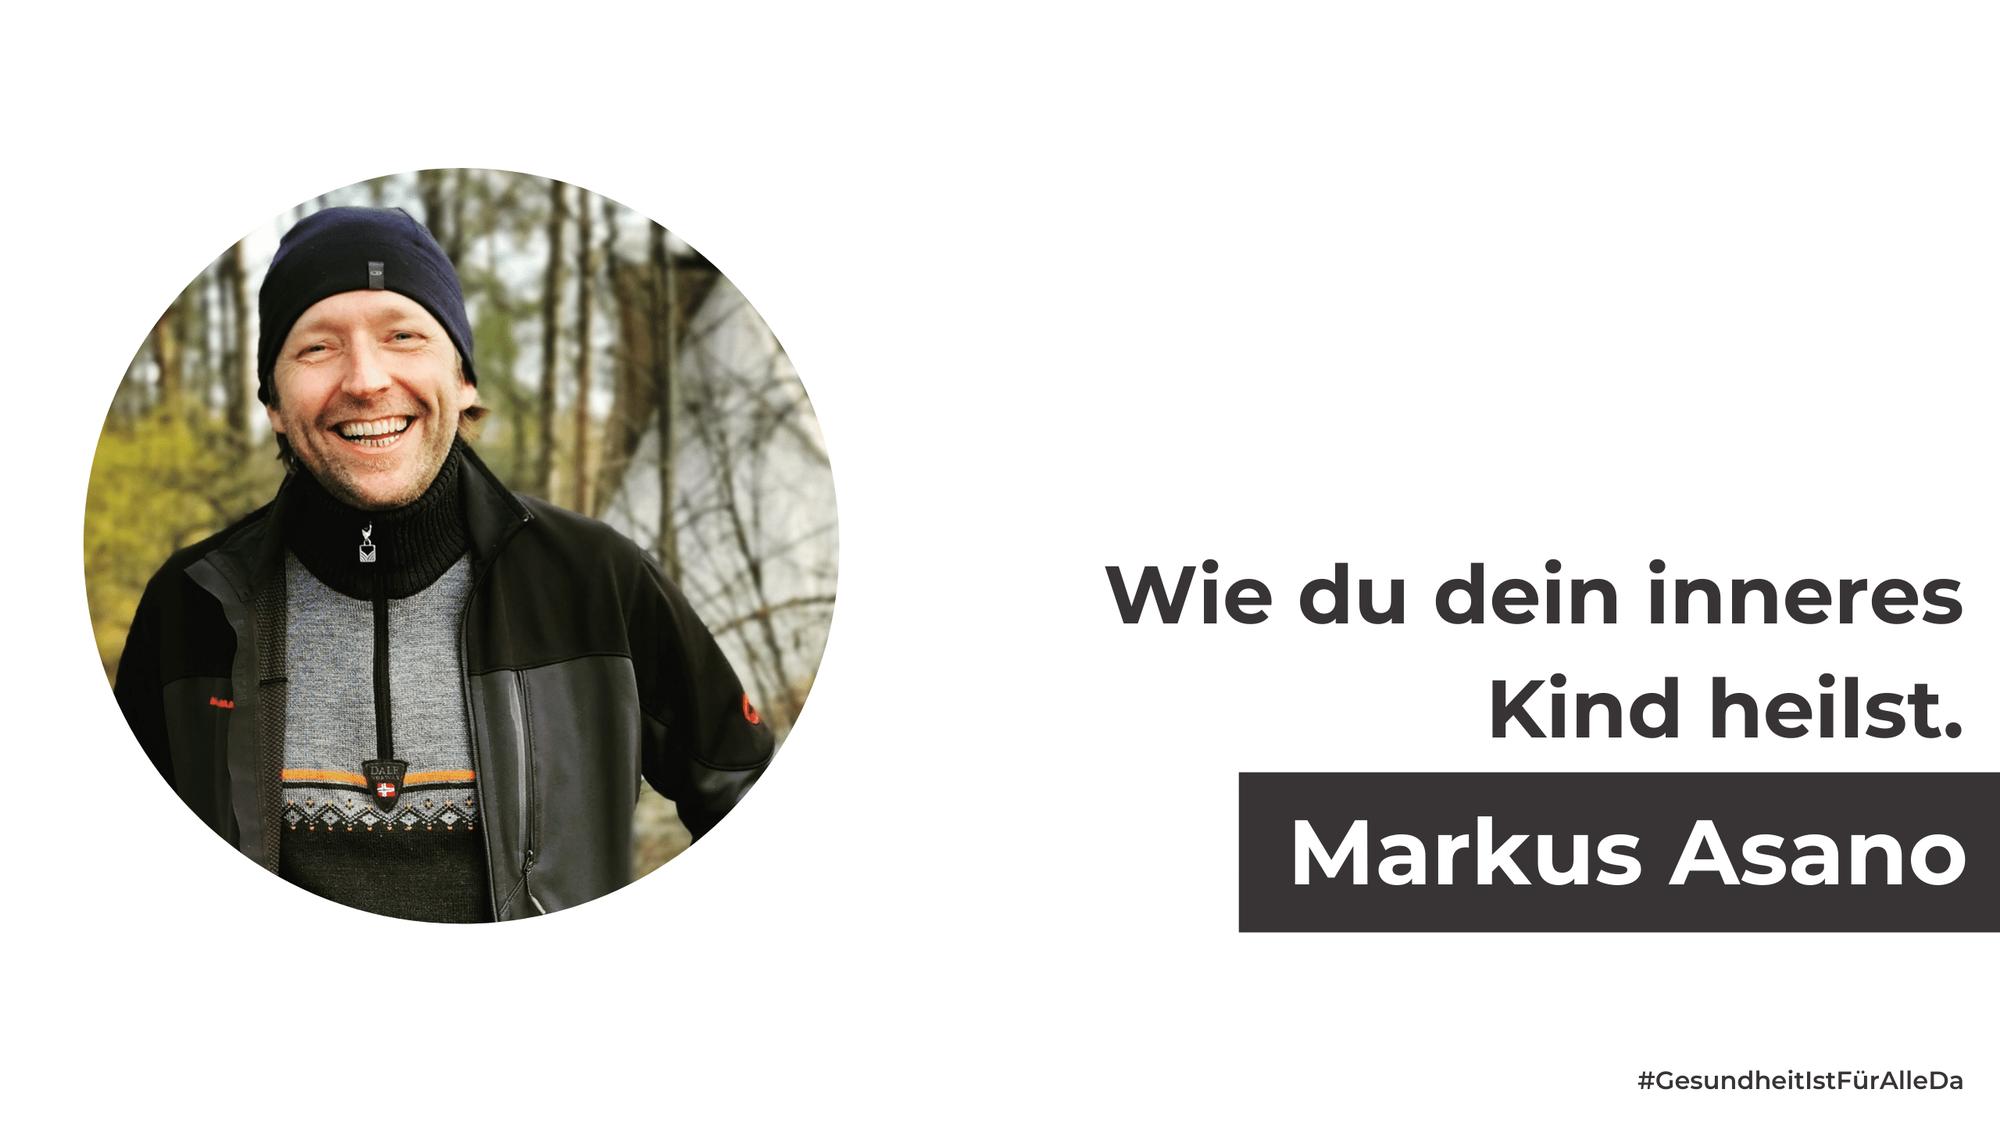 Markus Asano